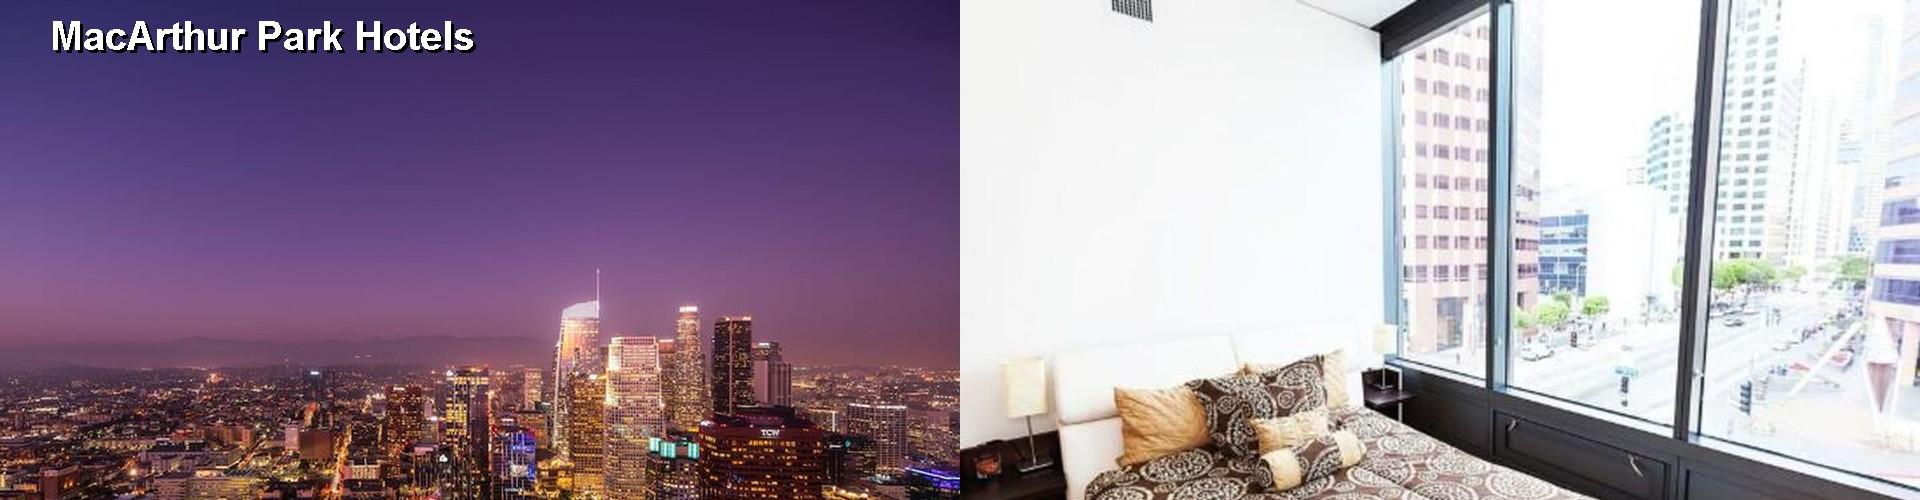 3 Best Hotels Near Macarthur Park